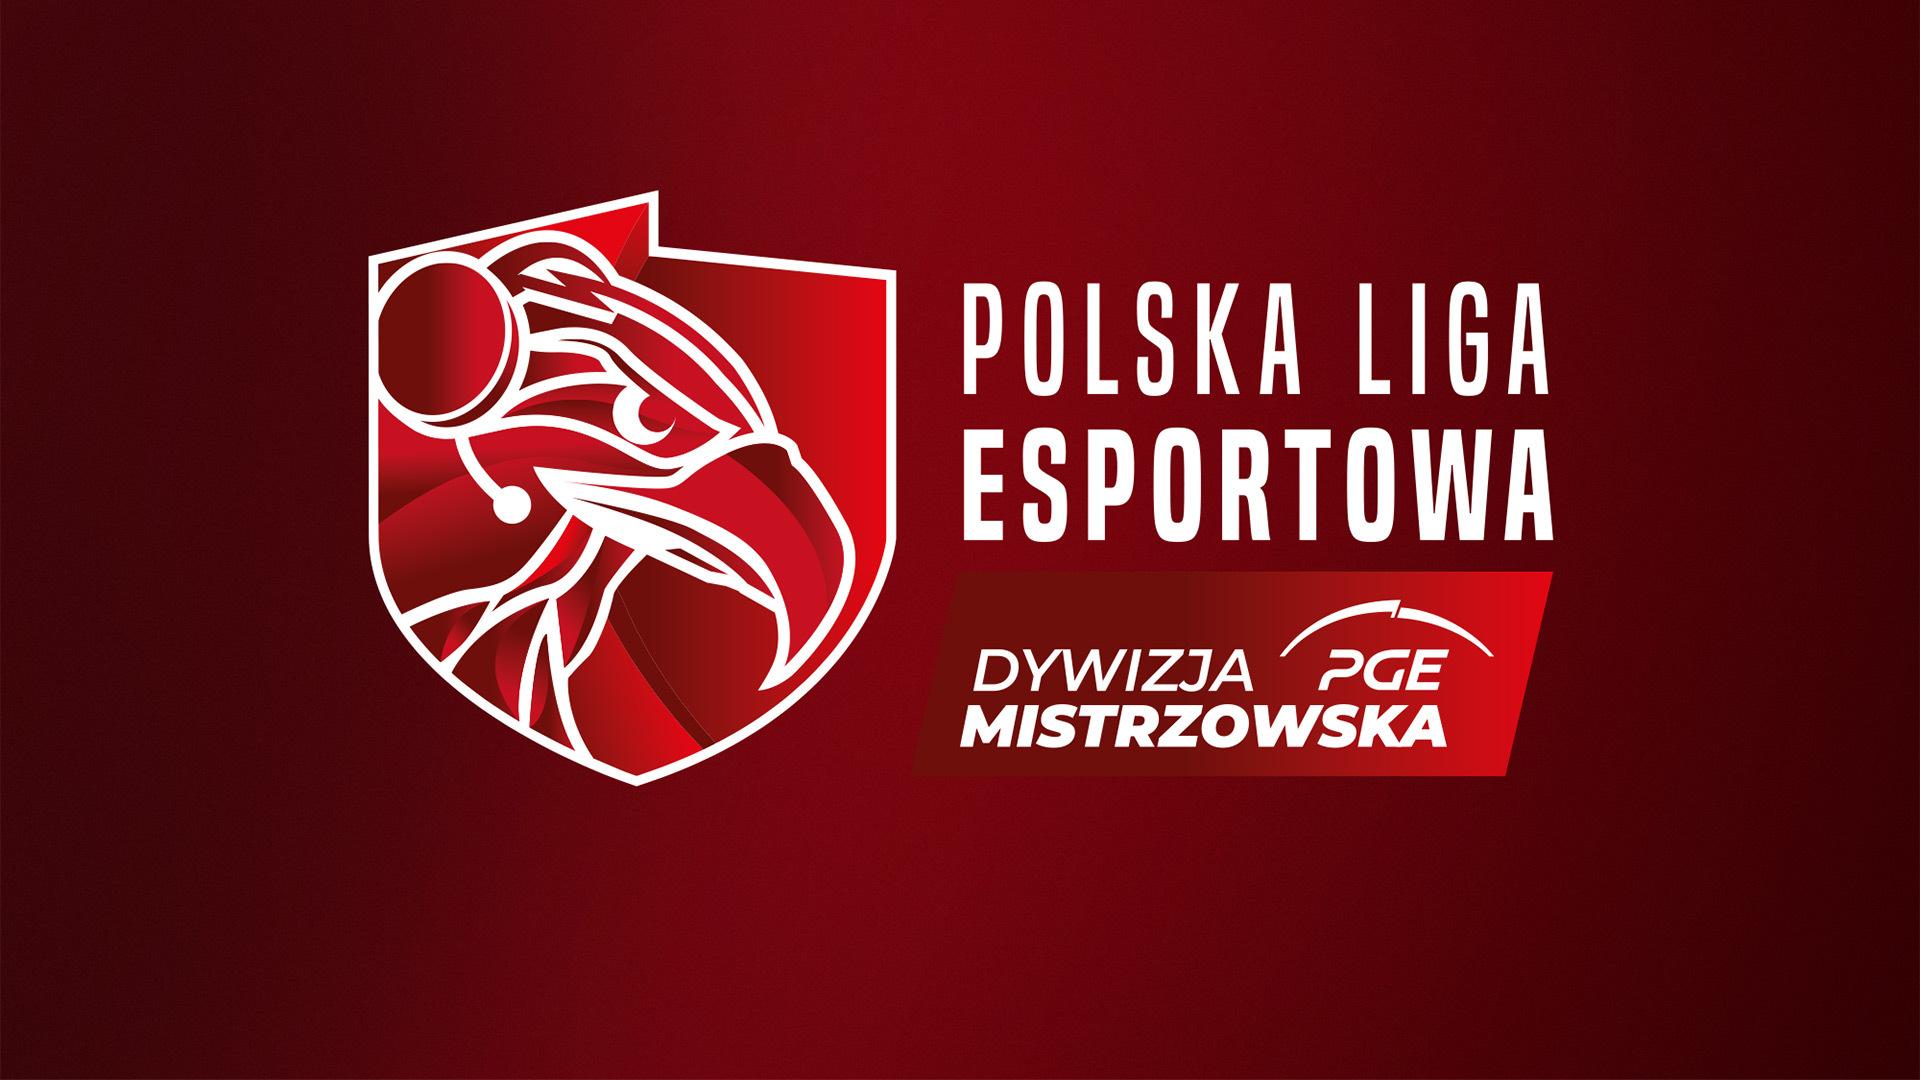 CS:GO / PGE Dywizja Mistrzowska / Runda 7 (transmisja bezpłatna)